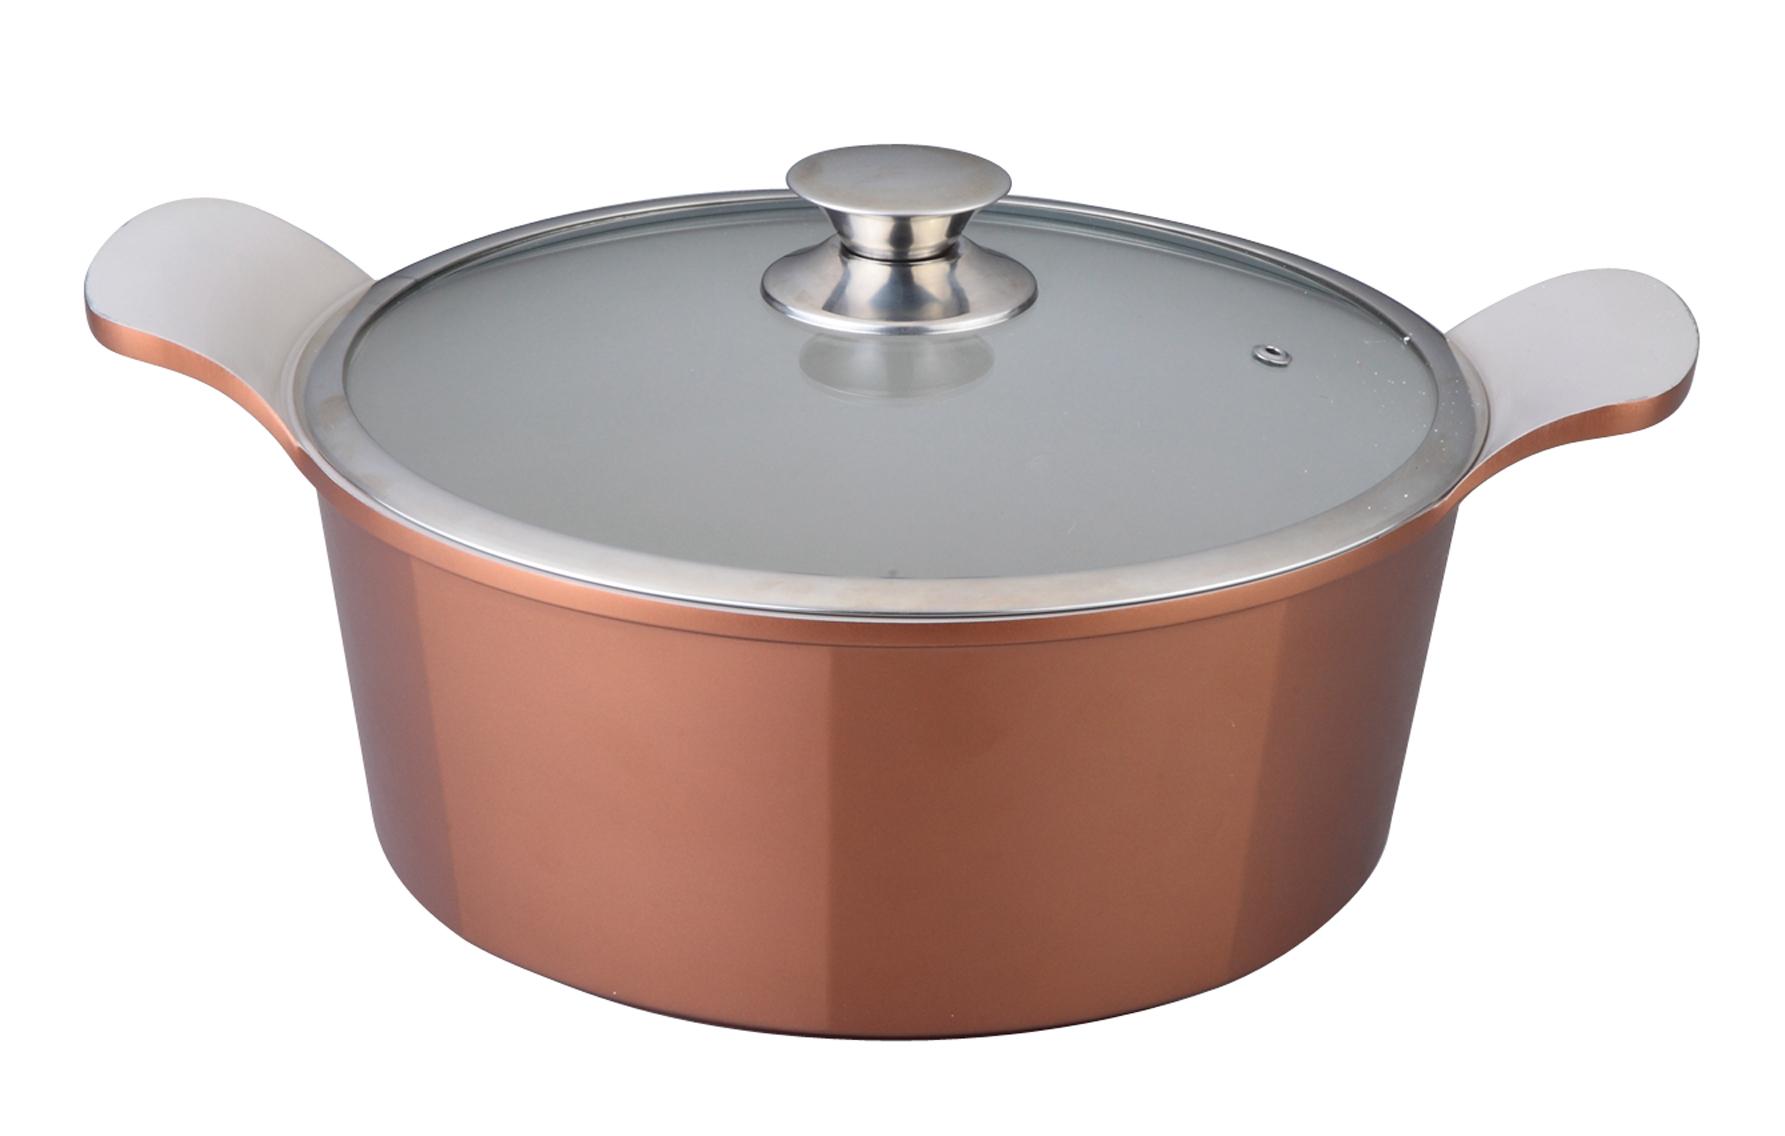 Кастрюля Winner с крышкой, 2,4 л. WR-1408115510Кастрюля Winner выполнена из высококачественного литого алюминия с антипригарным керамическим нанопокрытием Ilag. Посуда с нанопокрытием обладает высокой прочностью, жаро-, износо-, коррозийной стойкостью, химической инертностью. При нагревании до высоких температур не выделяет и не впитывает в себя вредных для человека химических соединений. Нанопокрытие гарантирует быстрый и равномерный нагрев посуды и существенную экономию электроэнергии. Данная технология позволяет исключить деформацию корпуса при частом и длительном использовании посуды. Кастрюля имеет внешнее цветное жаропрочное силиконовое покрытие. Крышка, выполненная из термостойкого стекла, позволит вам следить за процессом приготовления пищи. Крышка плотно прилегает к краю кастрюли, предотвращая проливание жидкости и сохраняя аромат блюд.Изделие подходит для использования на всех типах плит, включая индукционные. Можно мыть в посудомоечной машине.Это идеальный подарок для современных хозяек, которые следят за своим здоровьем и здоровьем своей семьи. Эргономичный дизайн и функциональность позволят вам наслаждаться процессом приготовления любимых, полезных для здоровья блюд. Характеристики: Материал: литой алюминий, стекло. Объем: 2,4 л. Внутренний диаметр: 20 см. Высота стенки: 8 см. Толщина стенки: 2 мм. Толщина дна: 0,5 см. Размер упаковки: 24,5 см х 24 см х 11 см. Производитель: Германия. Изготовитель: Китай. Артикул:WR-1408.